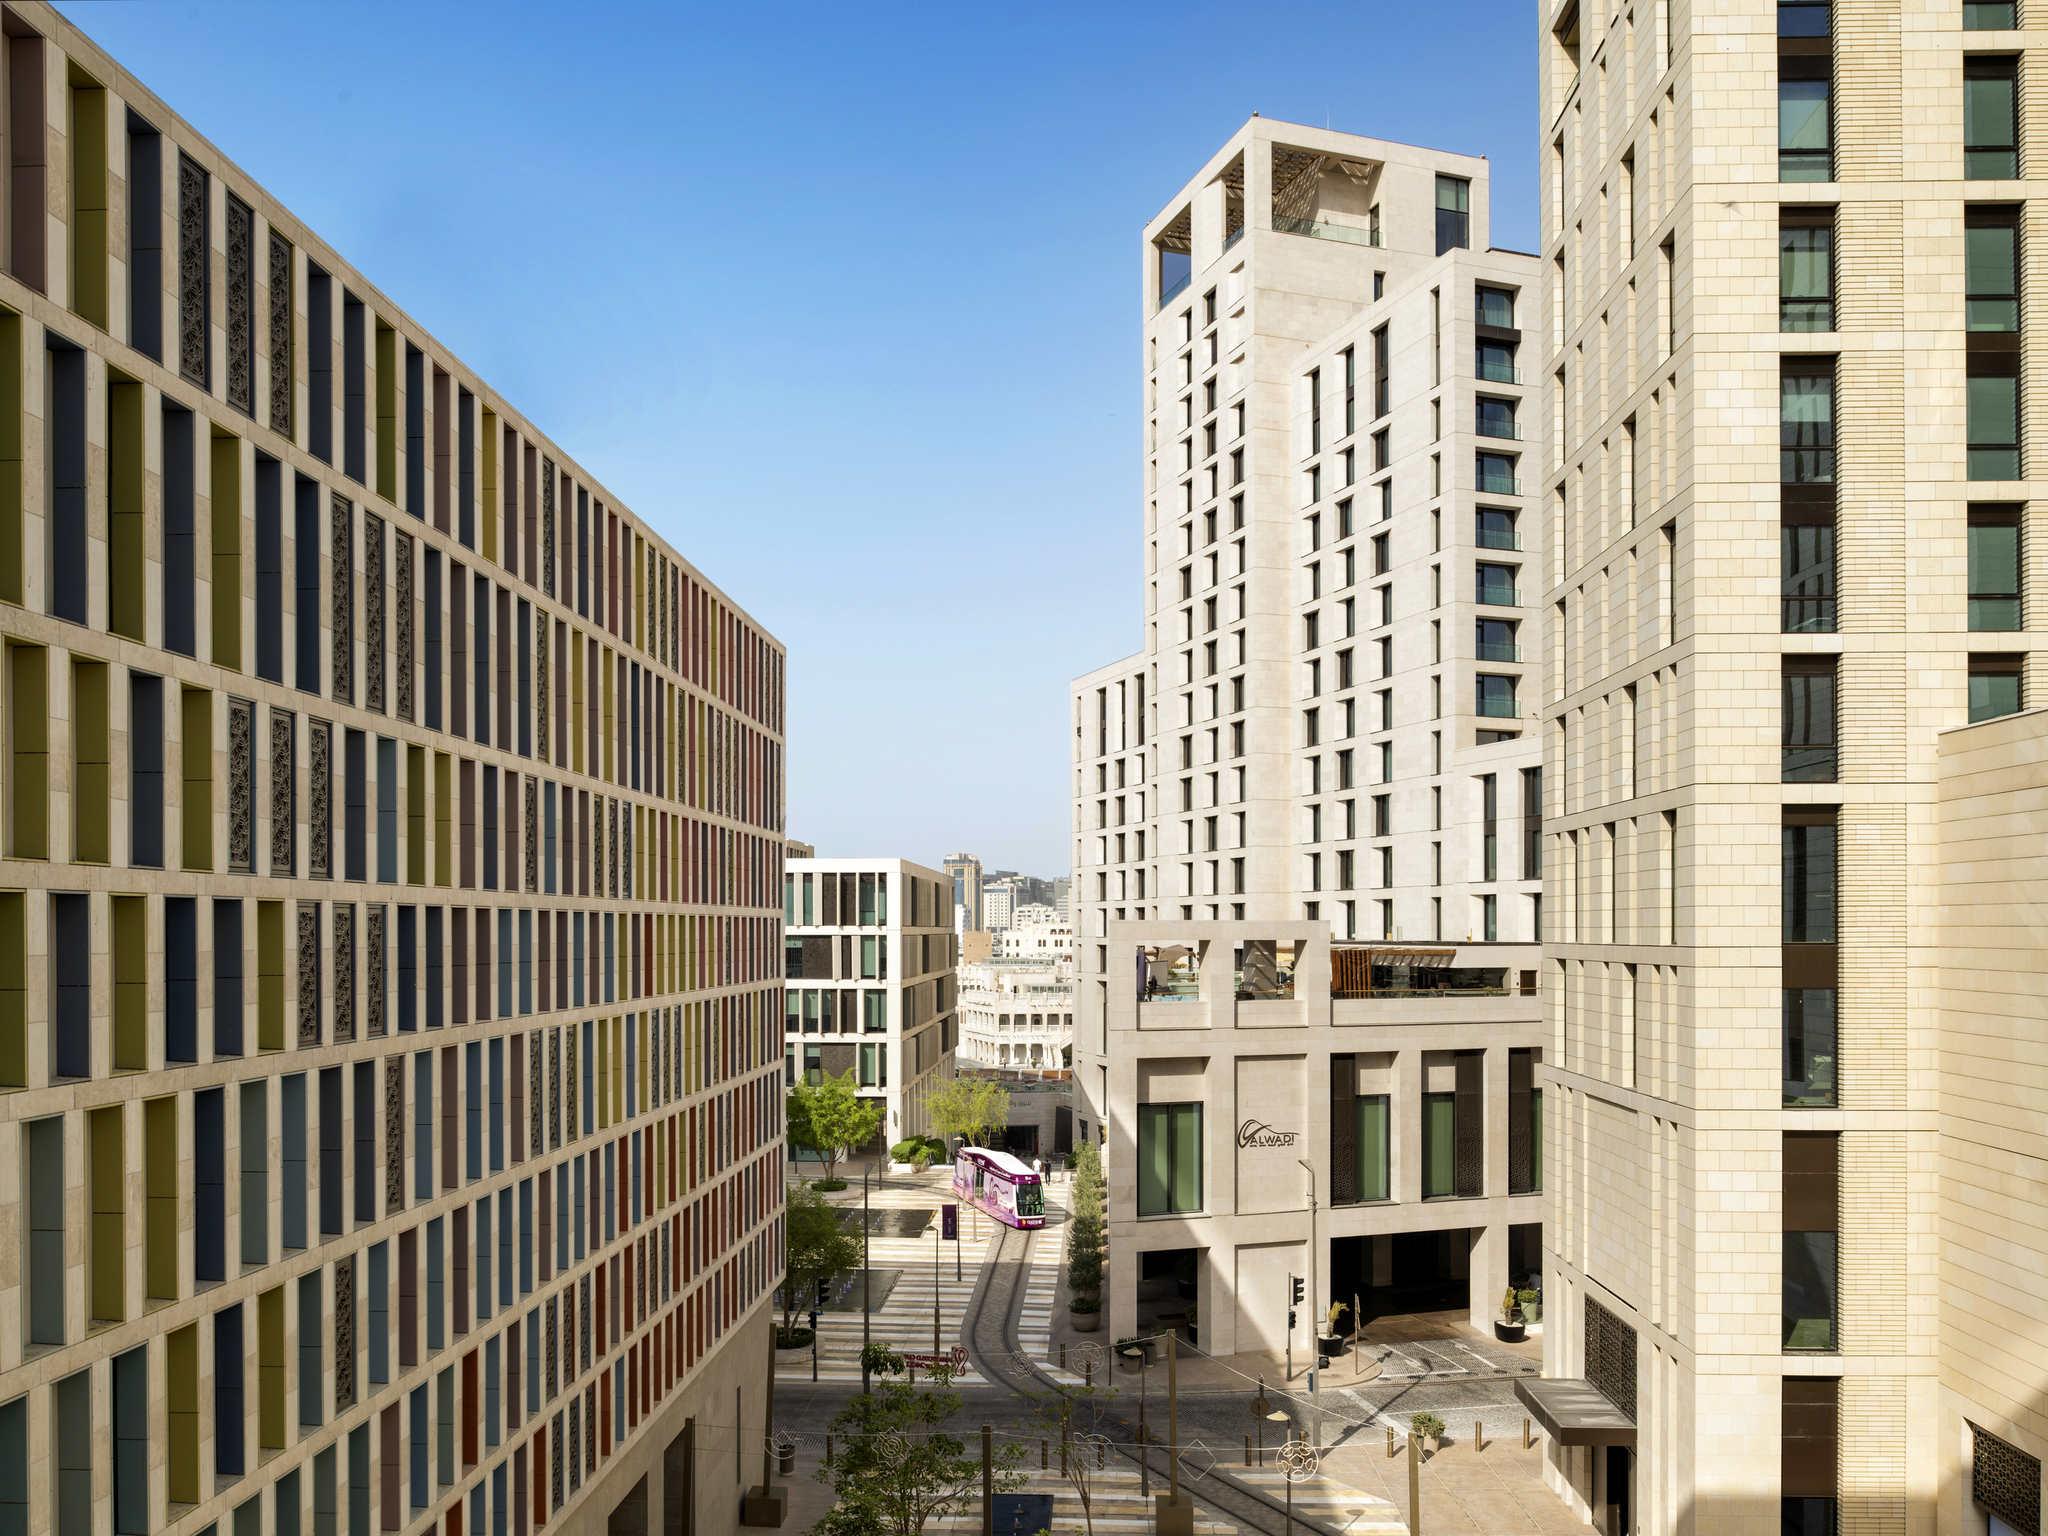 فندق - فندق الوادي الدوحة إم غاليري من AccorHotels، سيفتح أبوابه قريبًا